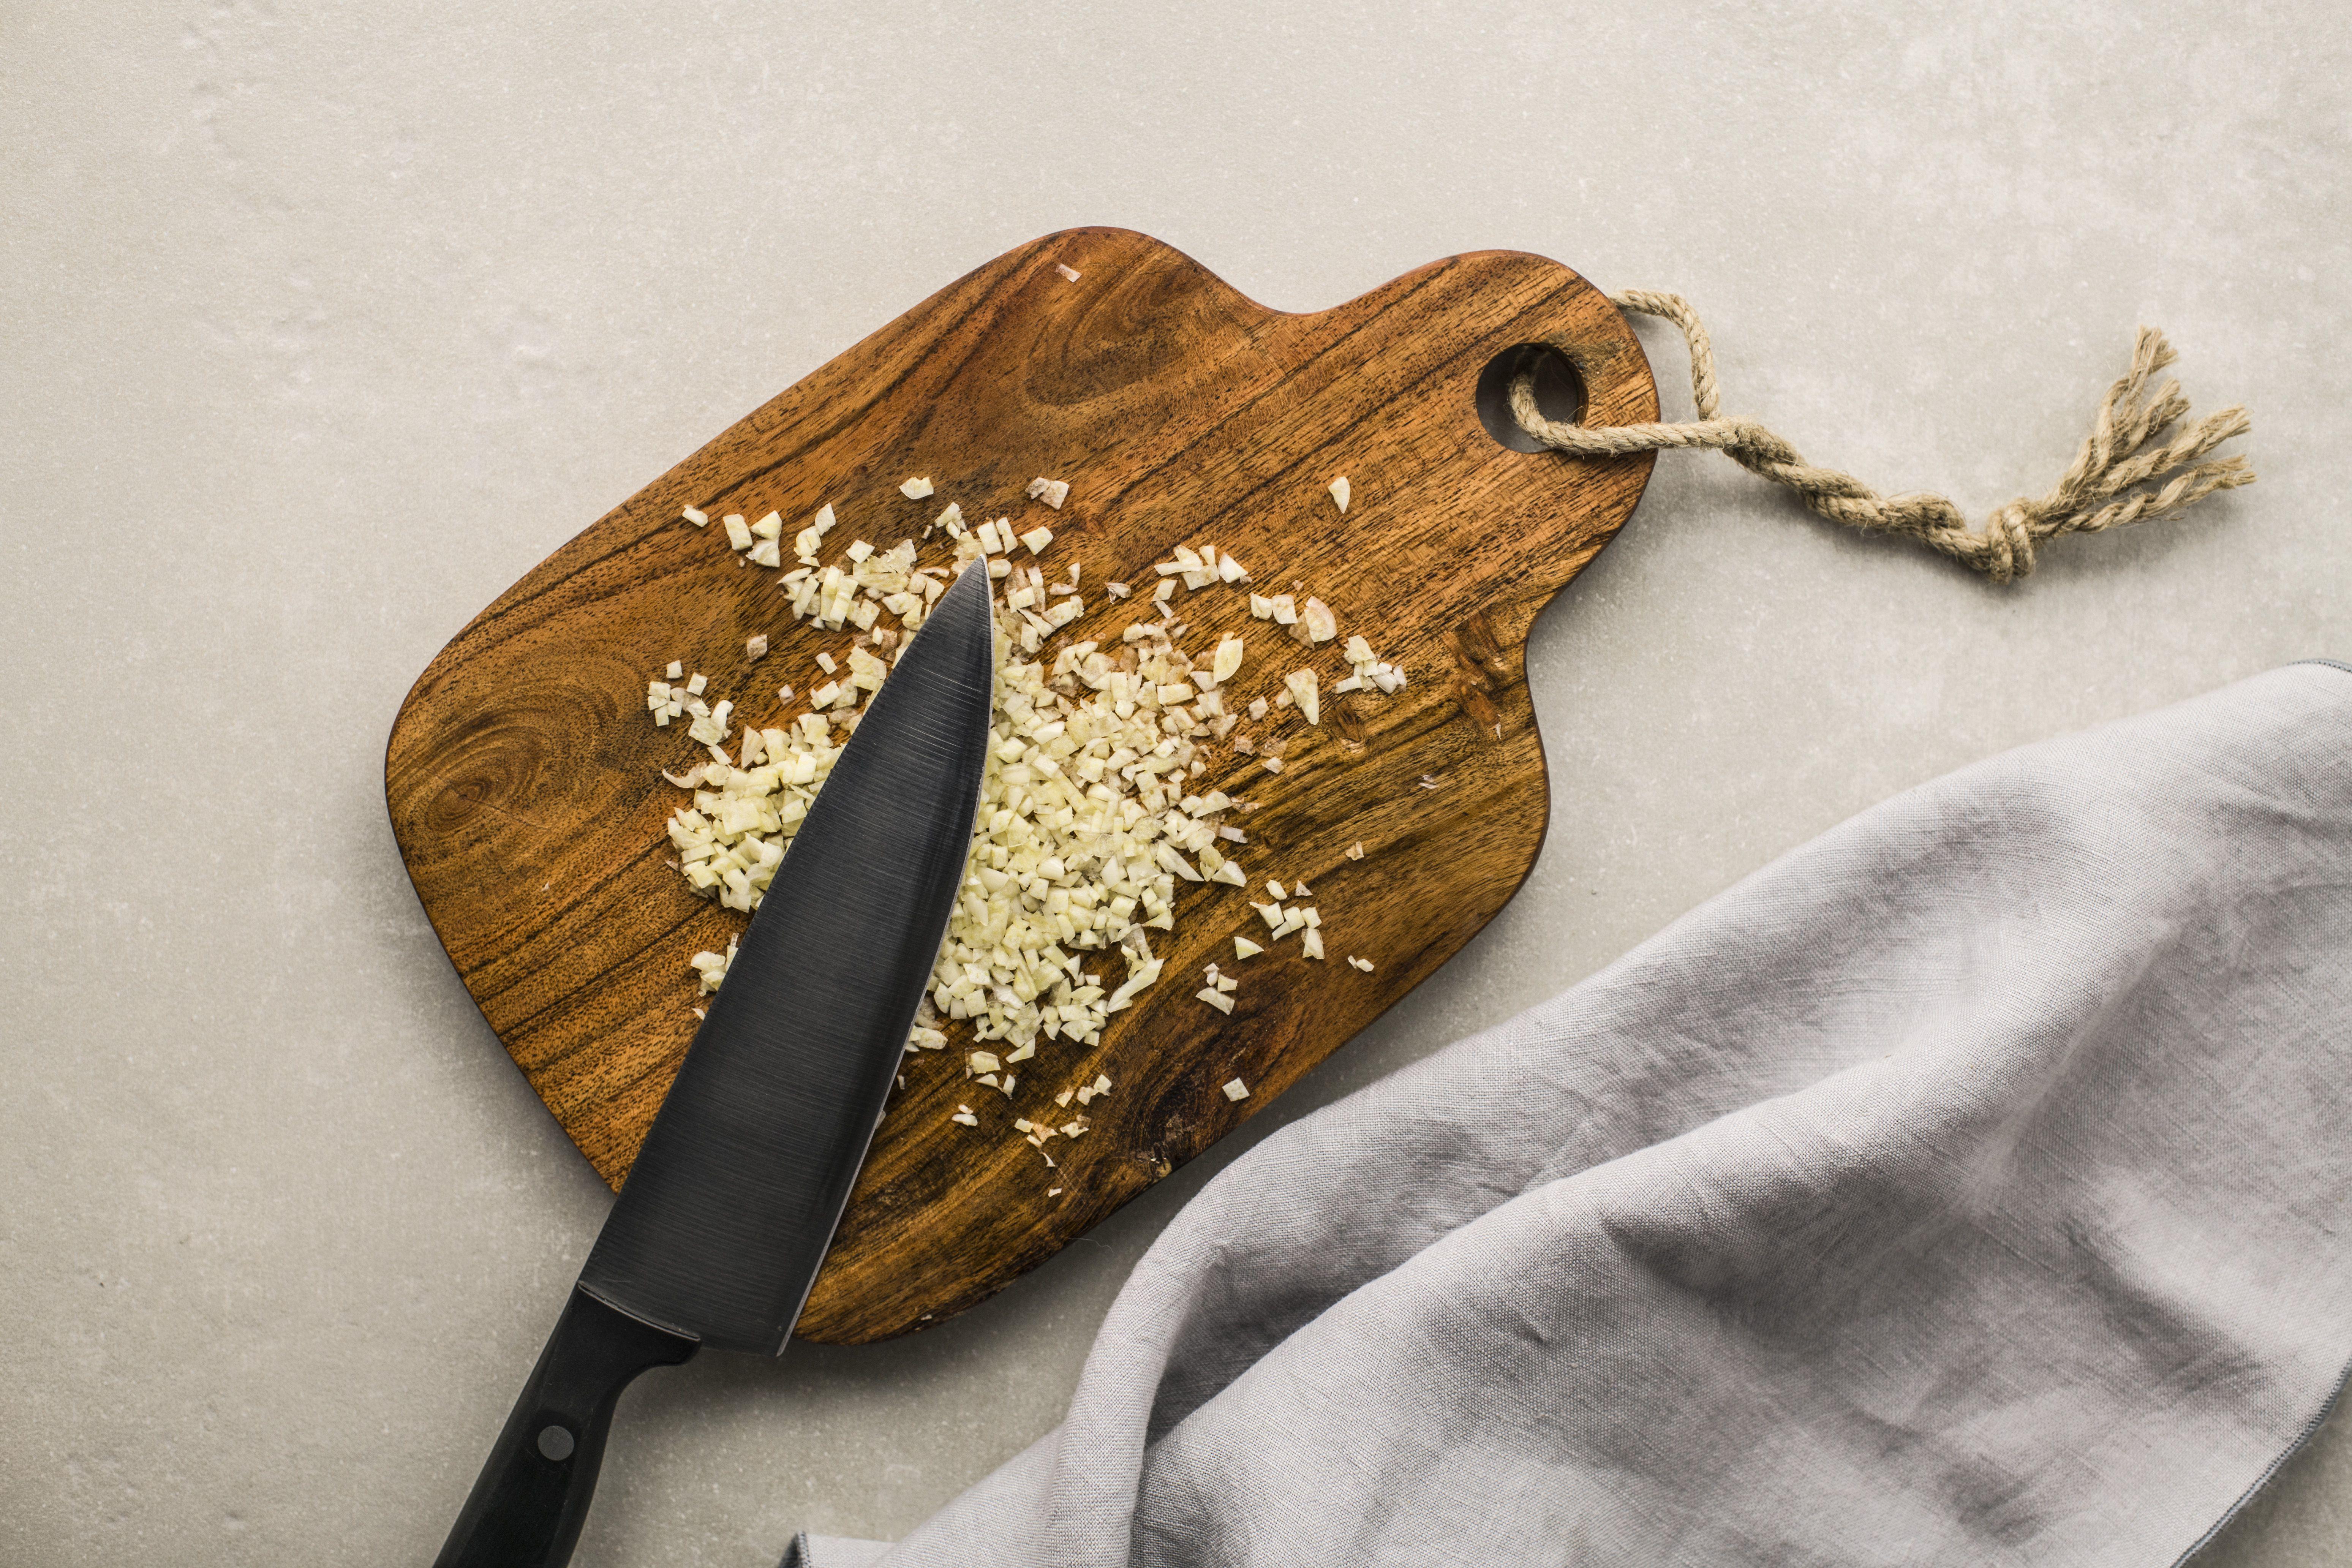 Crush garlic